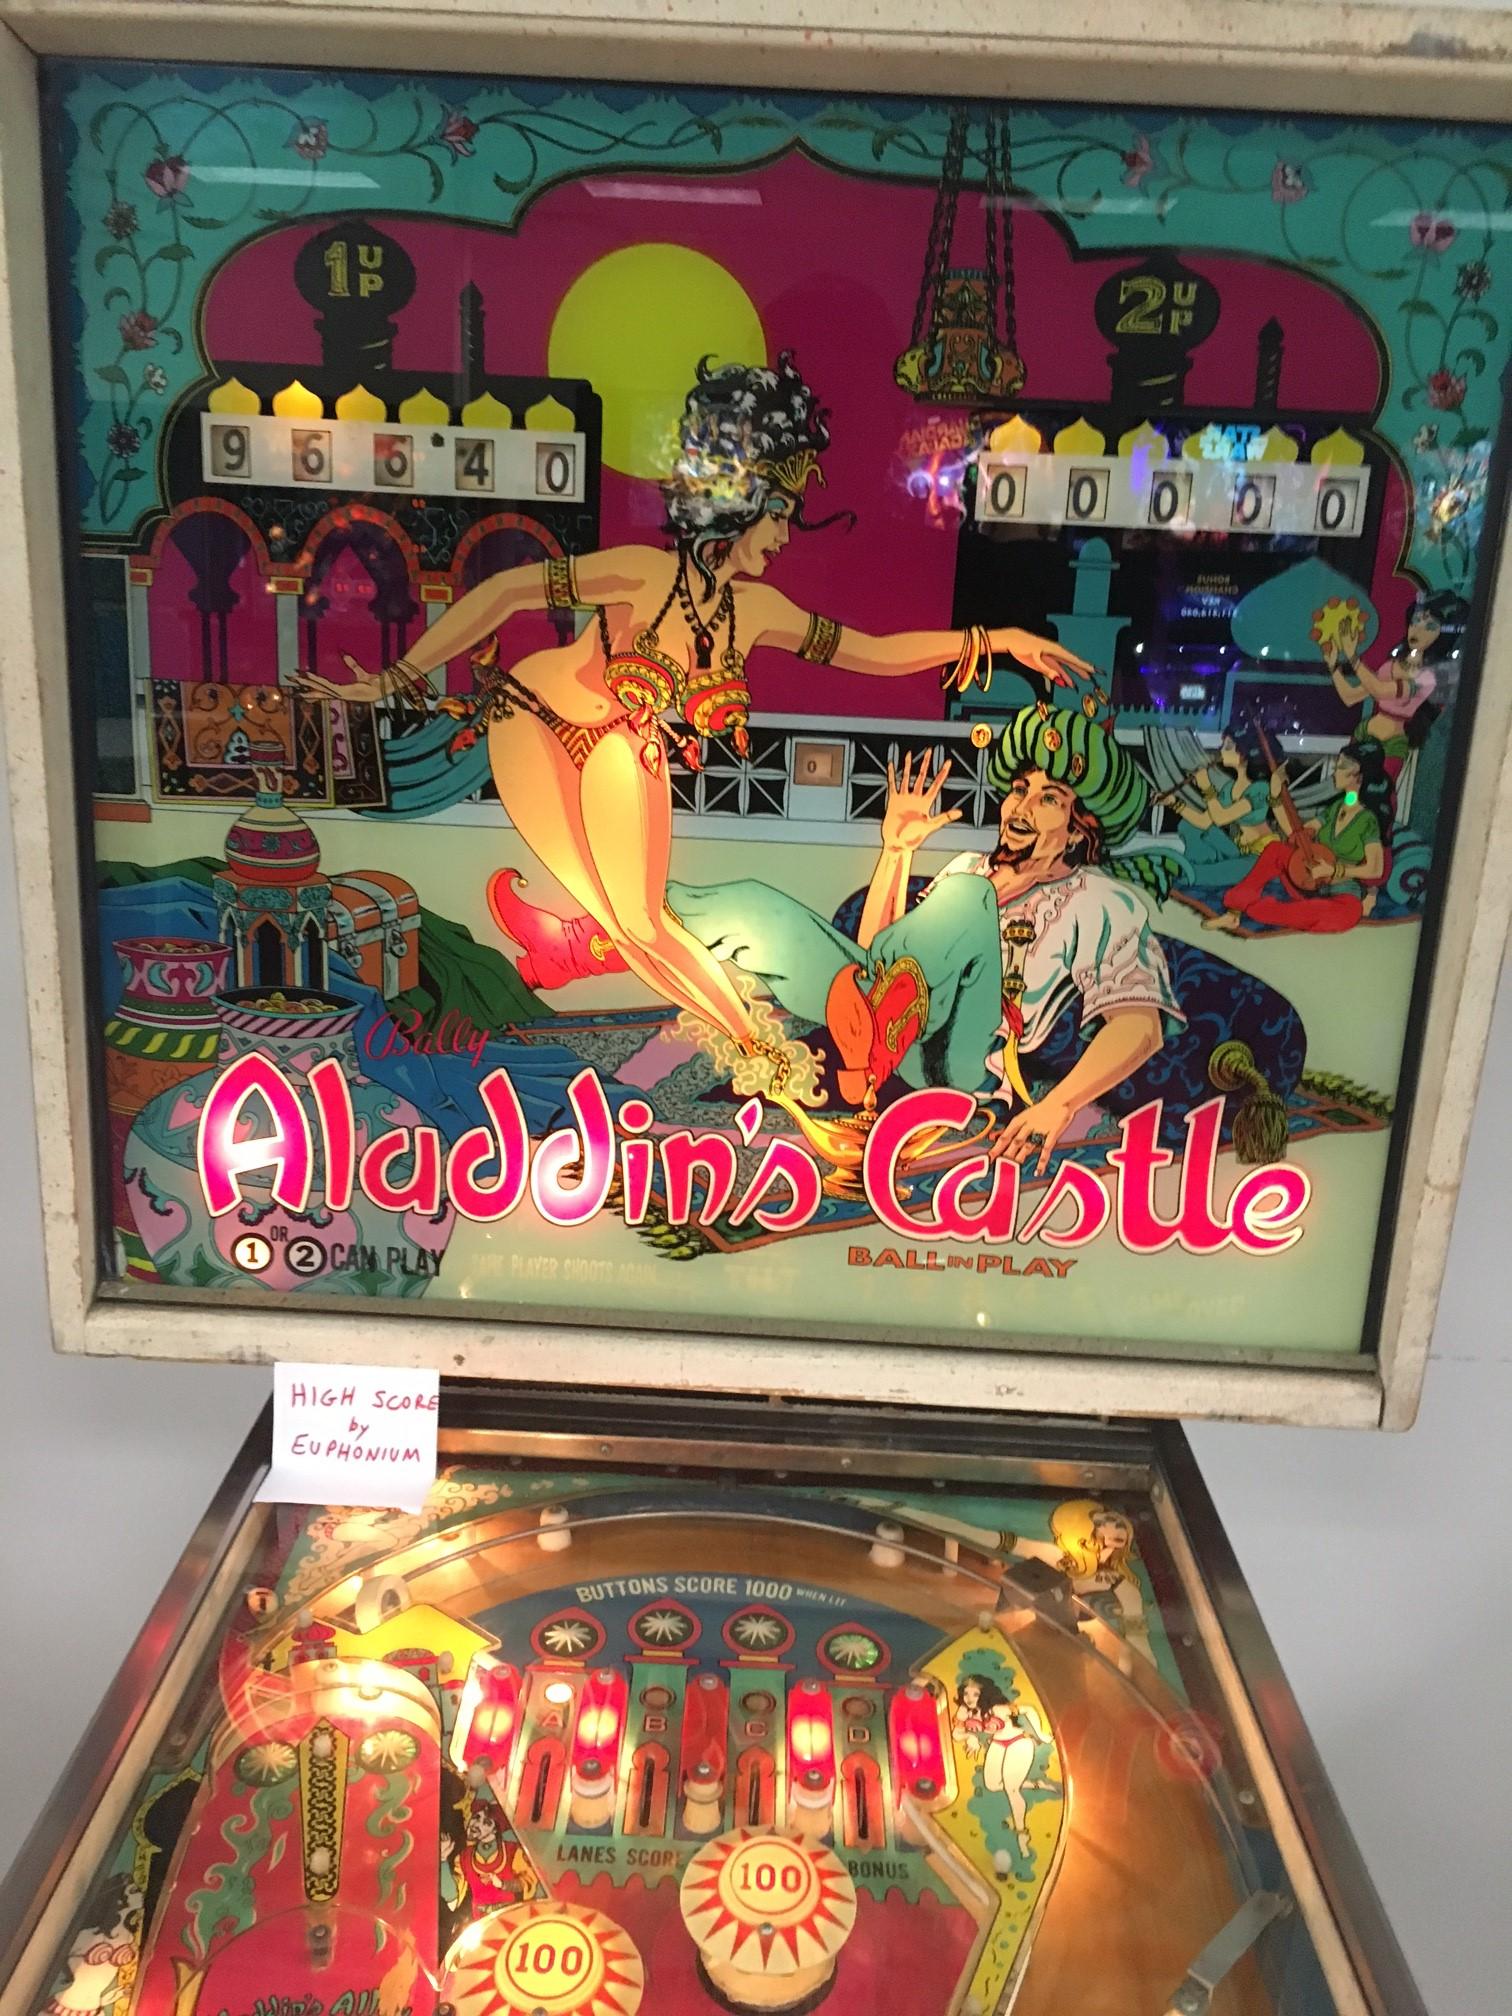 Aladdin's Castle 96,640 points